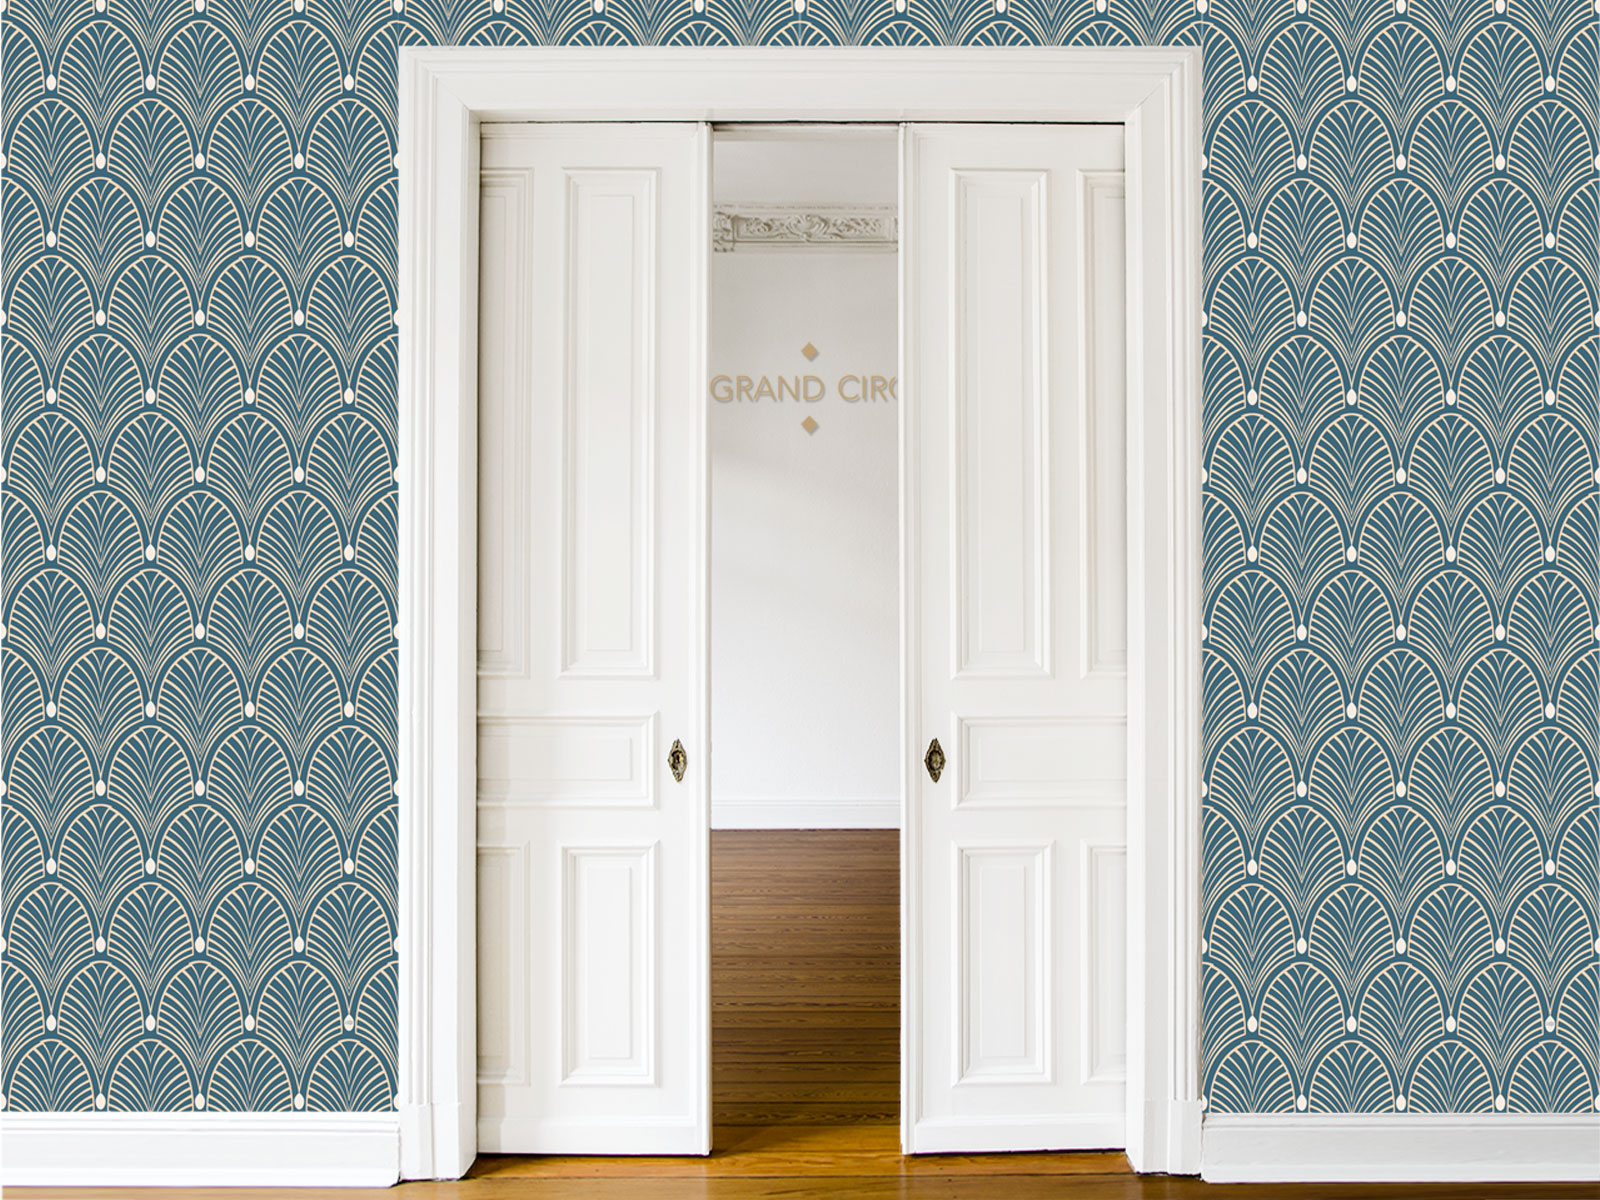 papier peint adh sif art d co mod le gatsby bleu. Black Bedroom Furniture Sets. Home Design Ideas